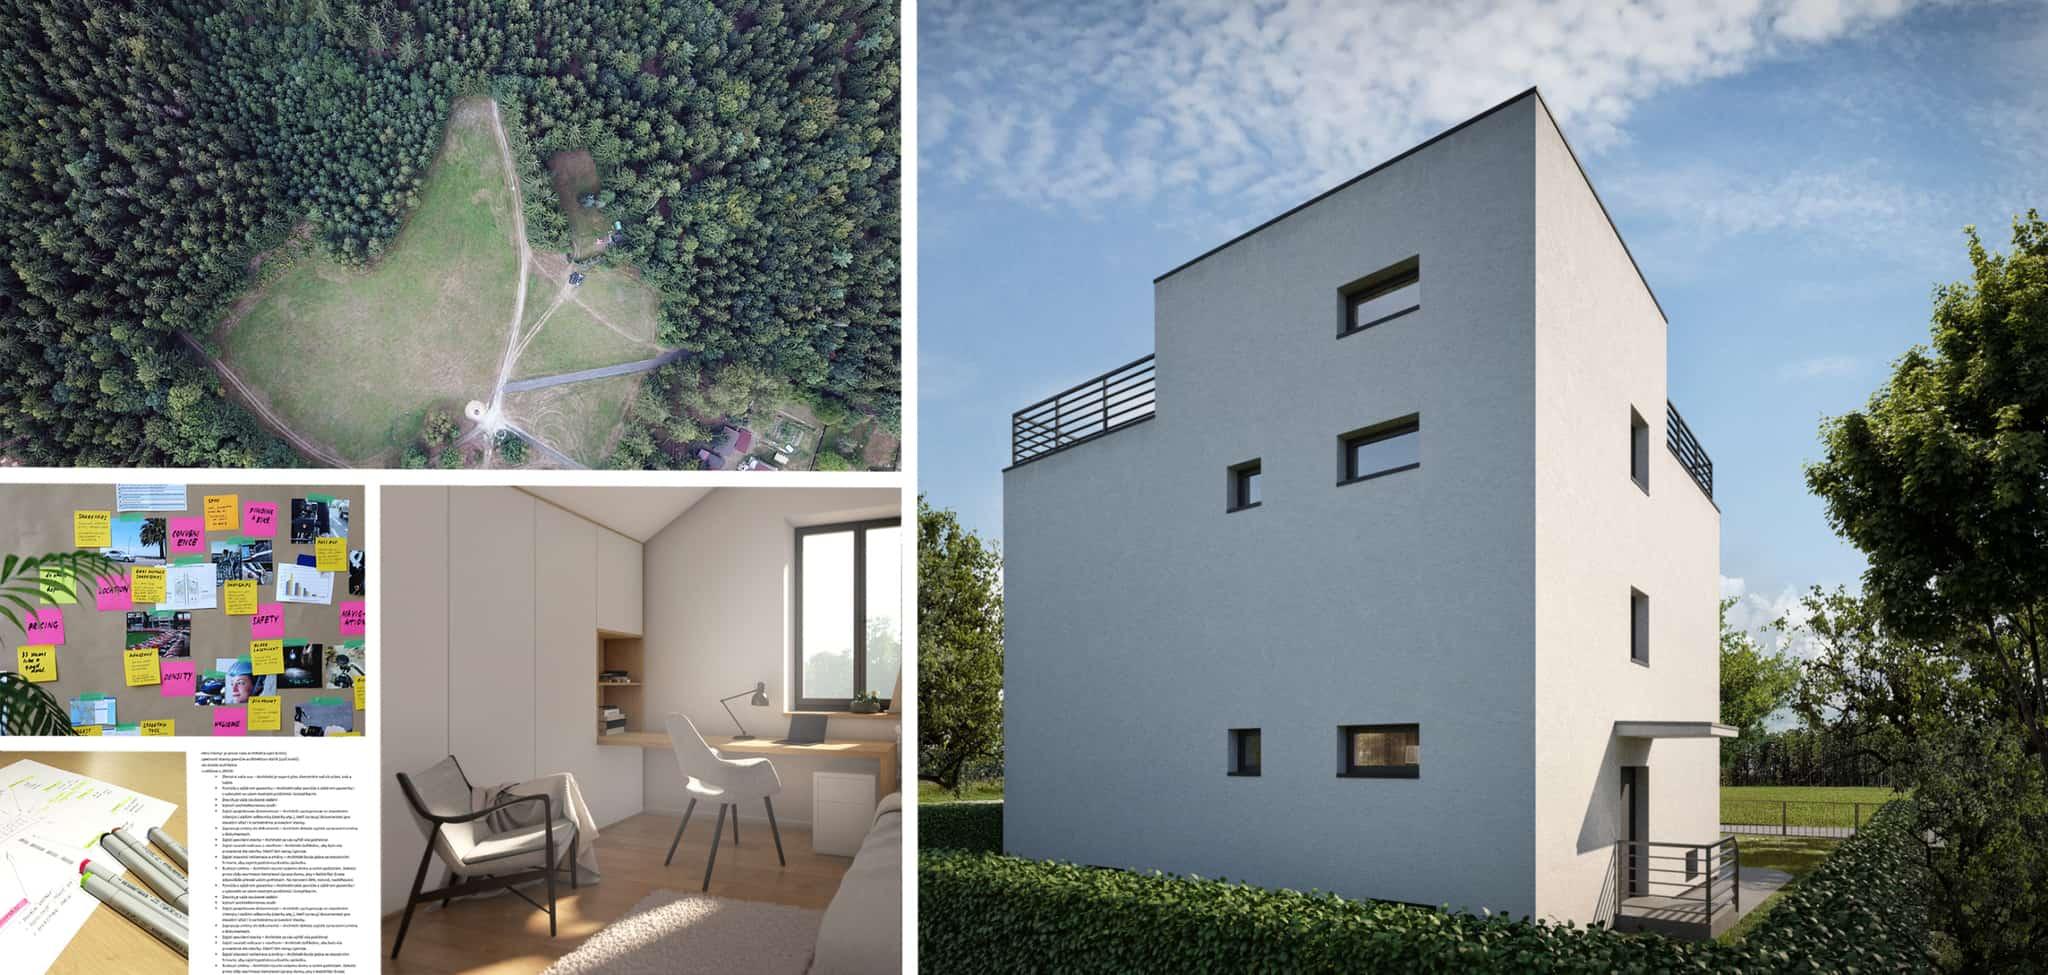 Finální návrh architekt ladí na míru vám a konkrétnímu místu